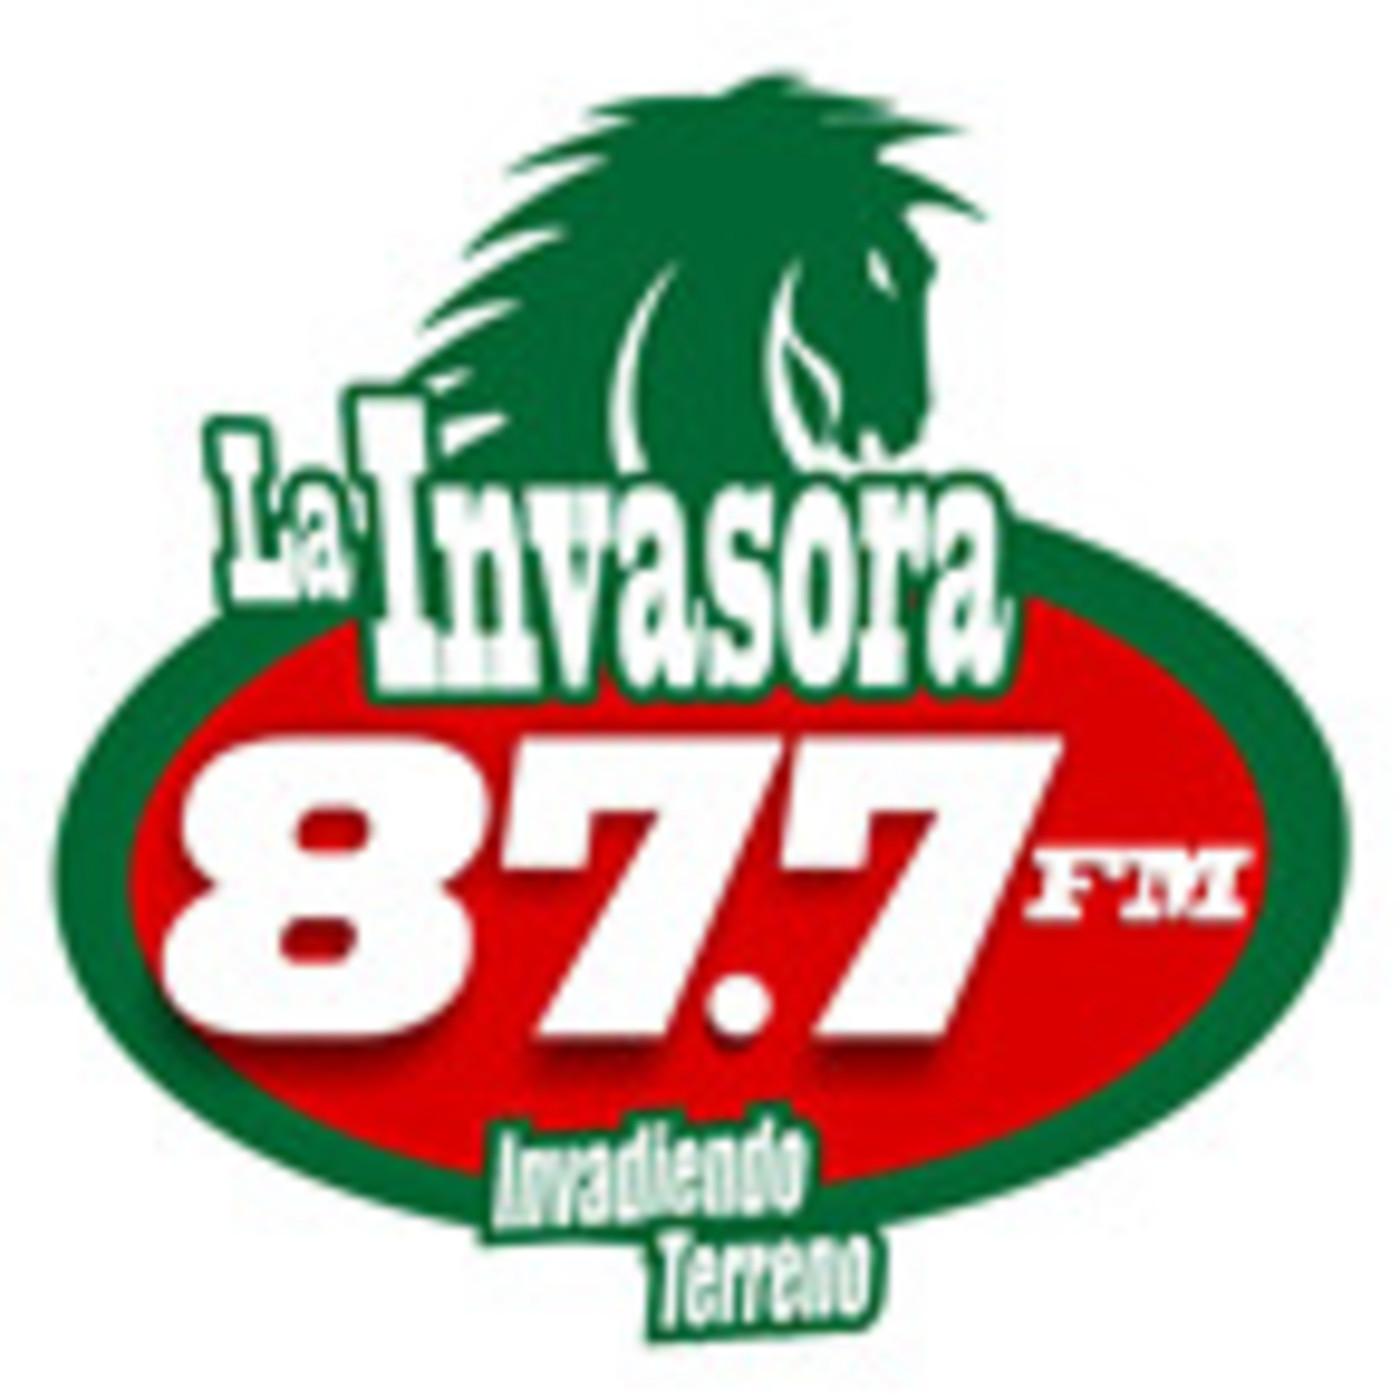 La Invasora 87.7 FM